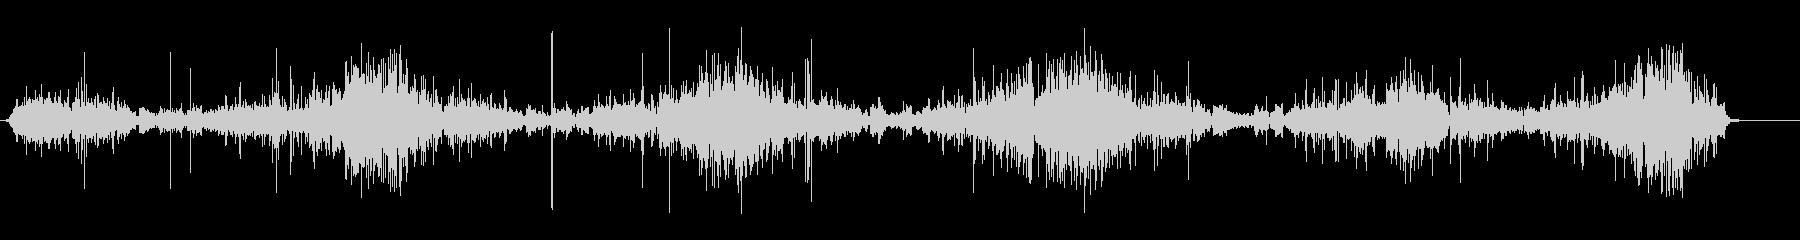 短波スキャン、ヨーロッパ、ラジオ;...の未再生の波形